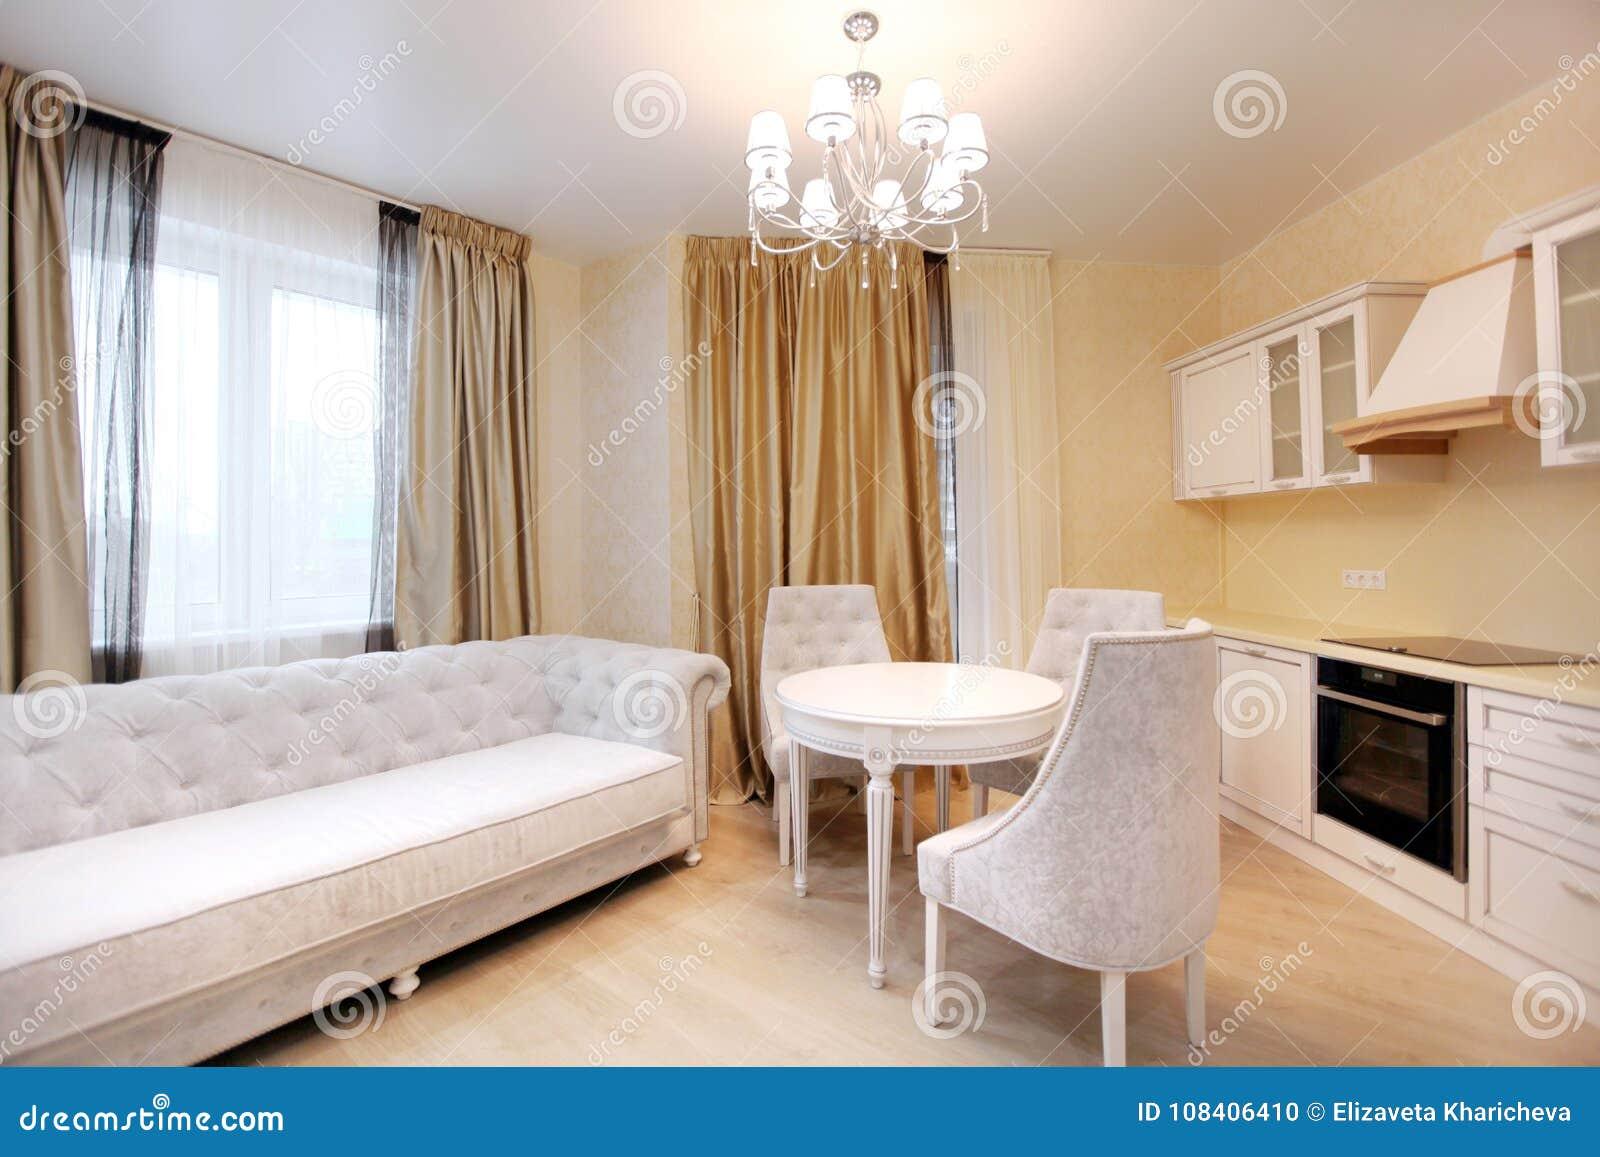 Speiseraum Mit Sofa Weiße Küche In Der Beige Farbe Stockfoto ...